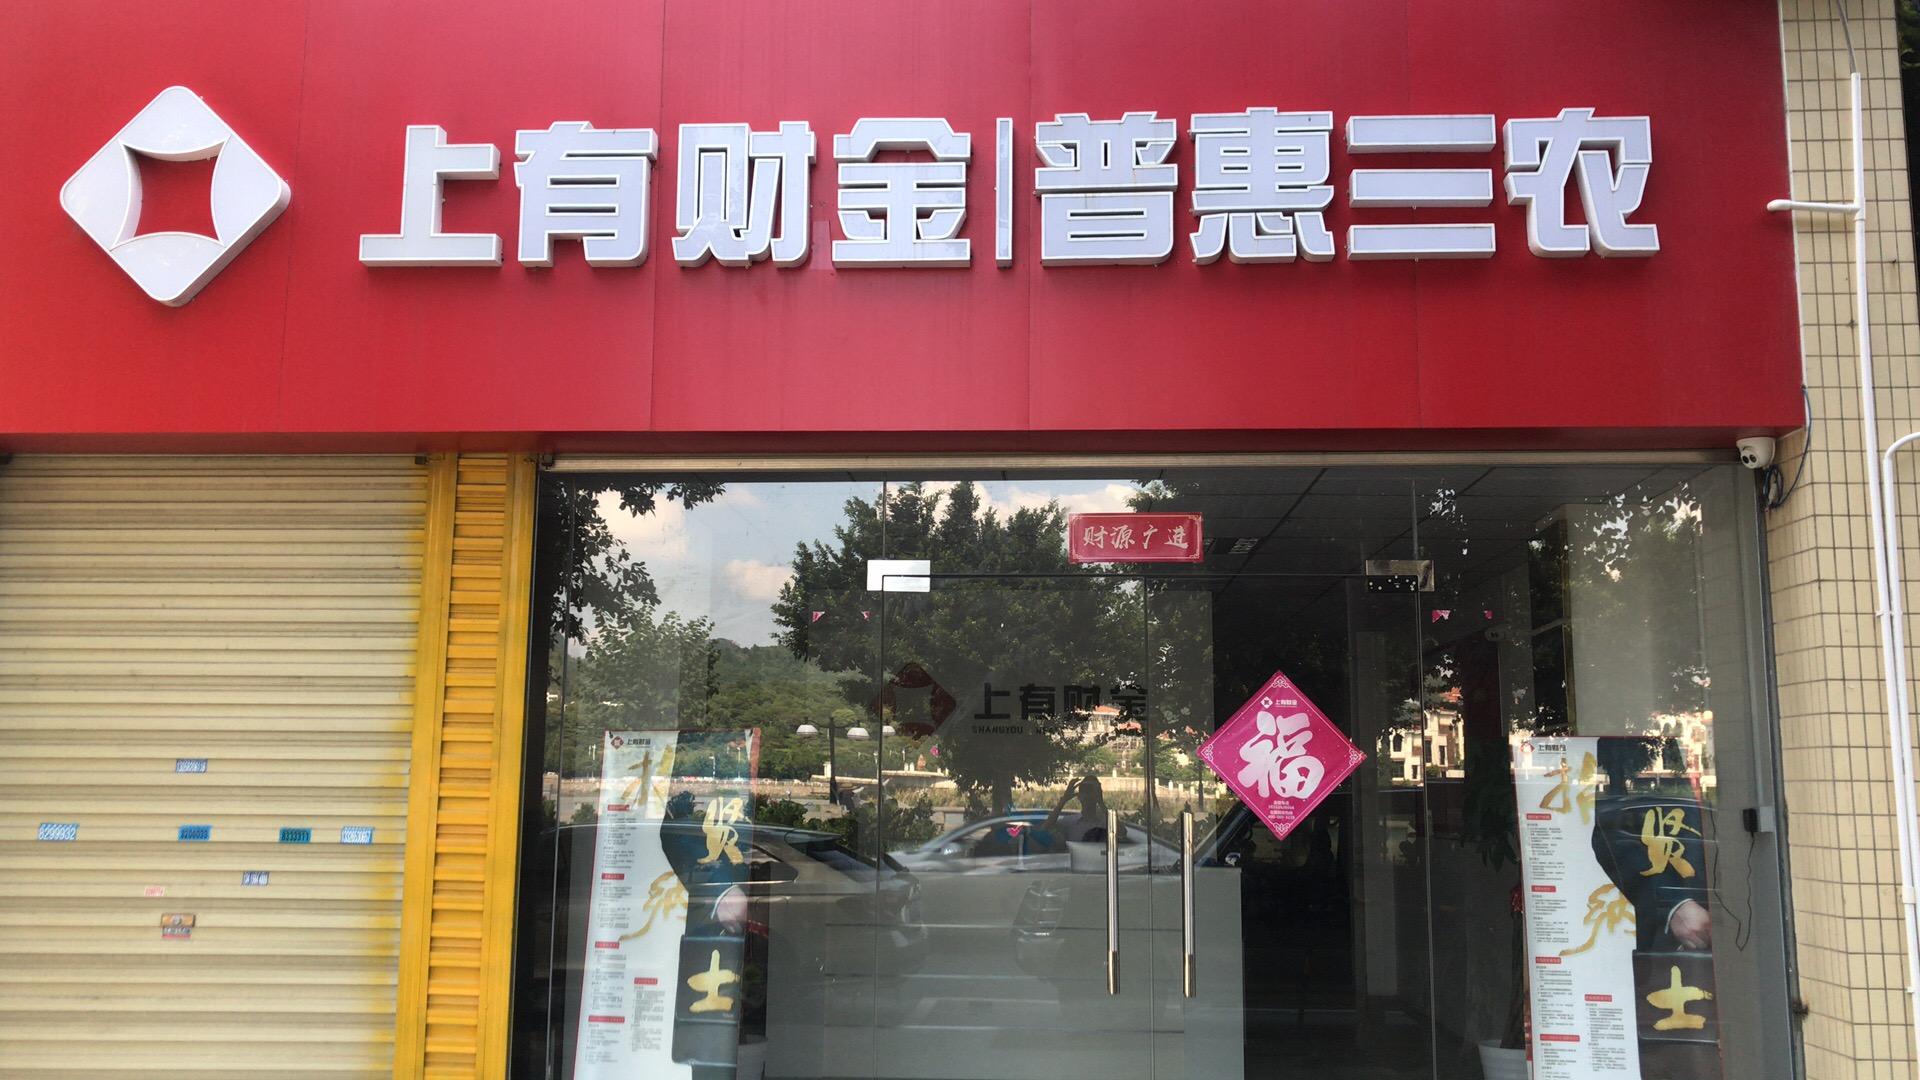 广东津霖劳务派遣服务有限公司的企业标志